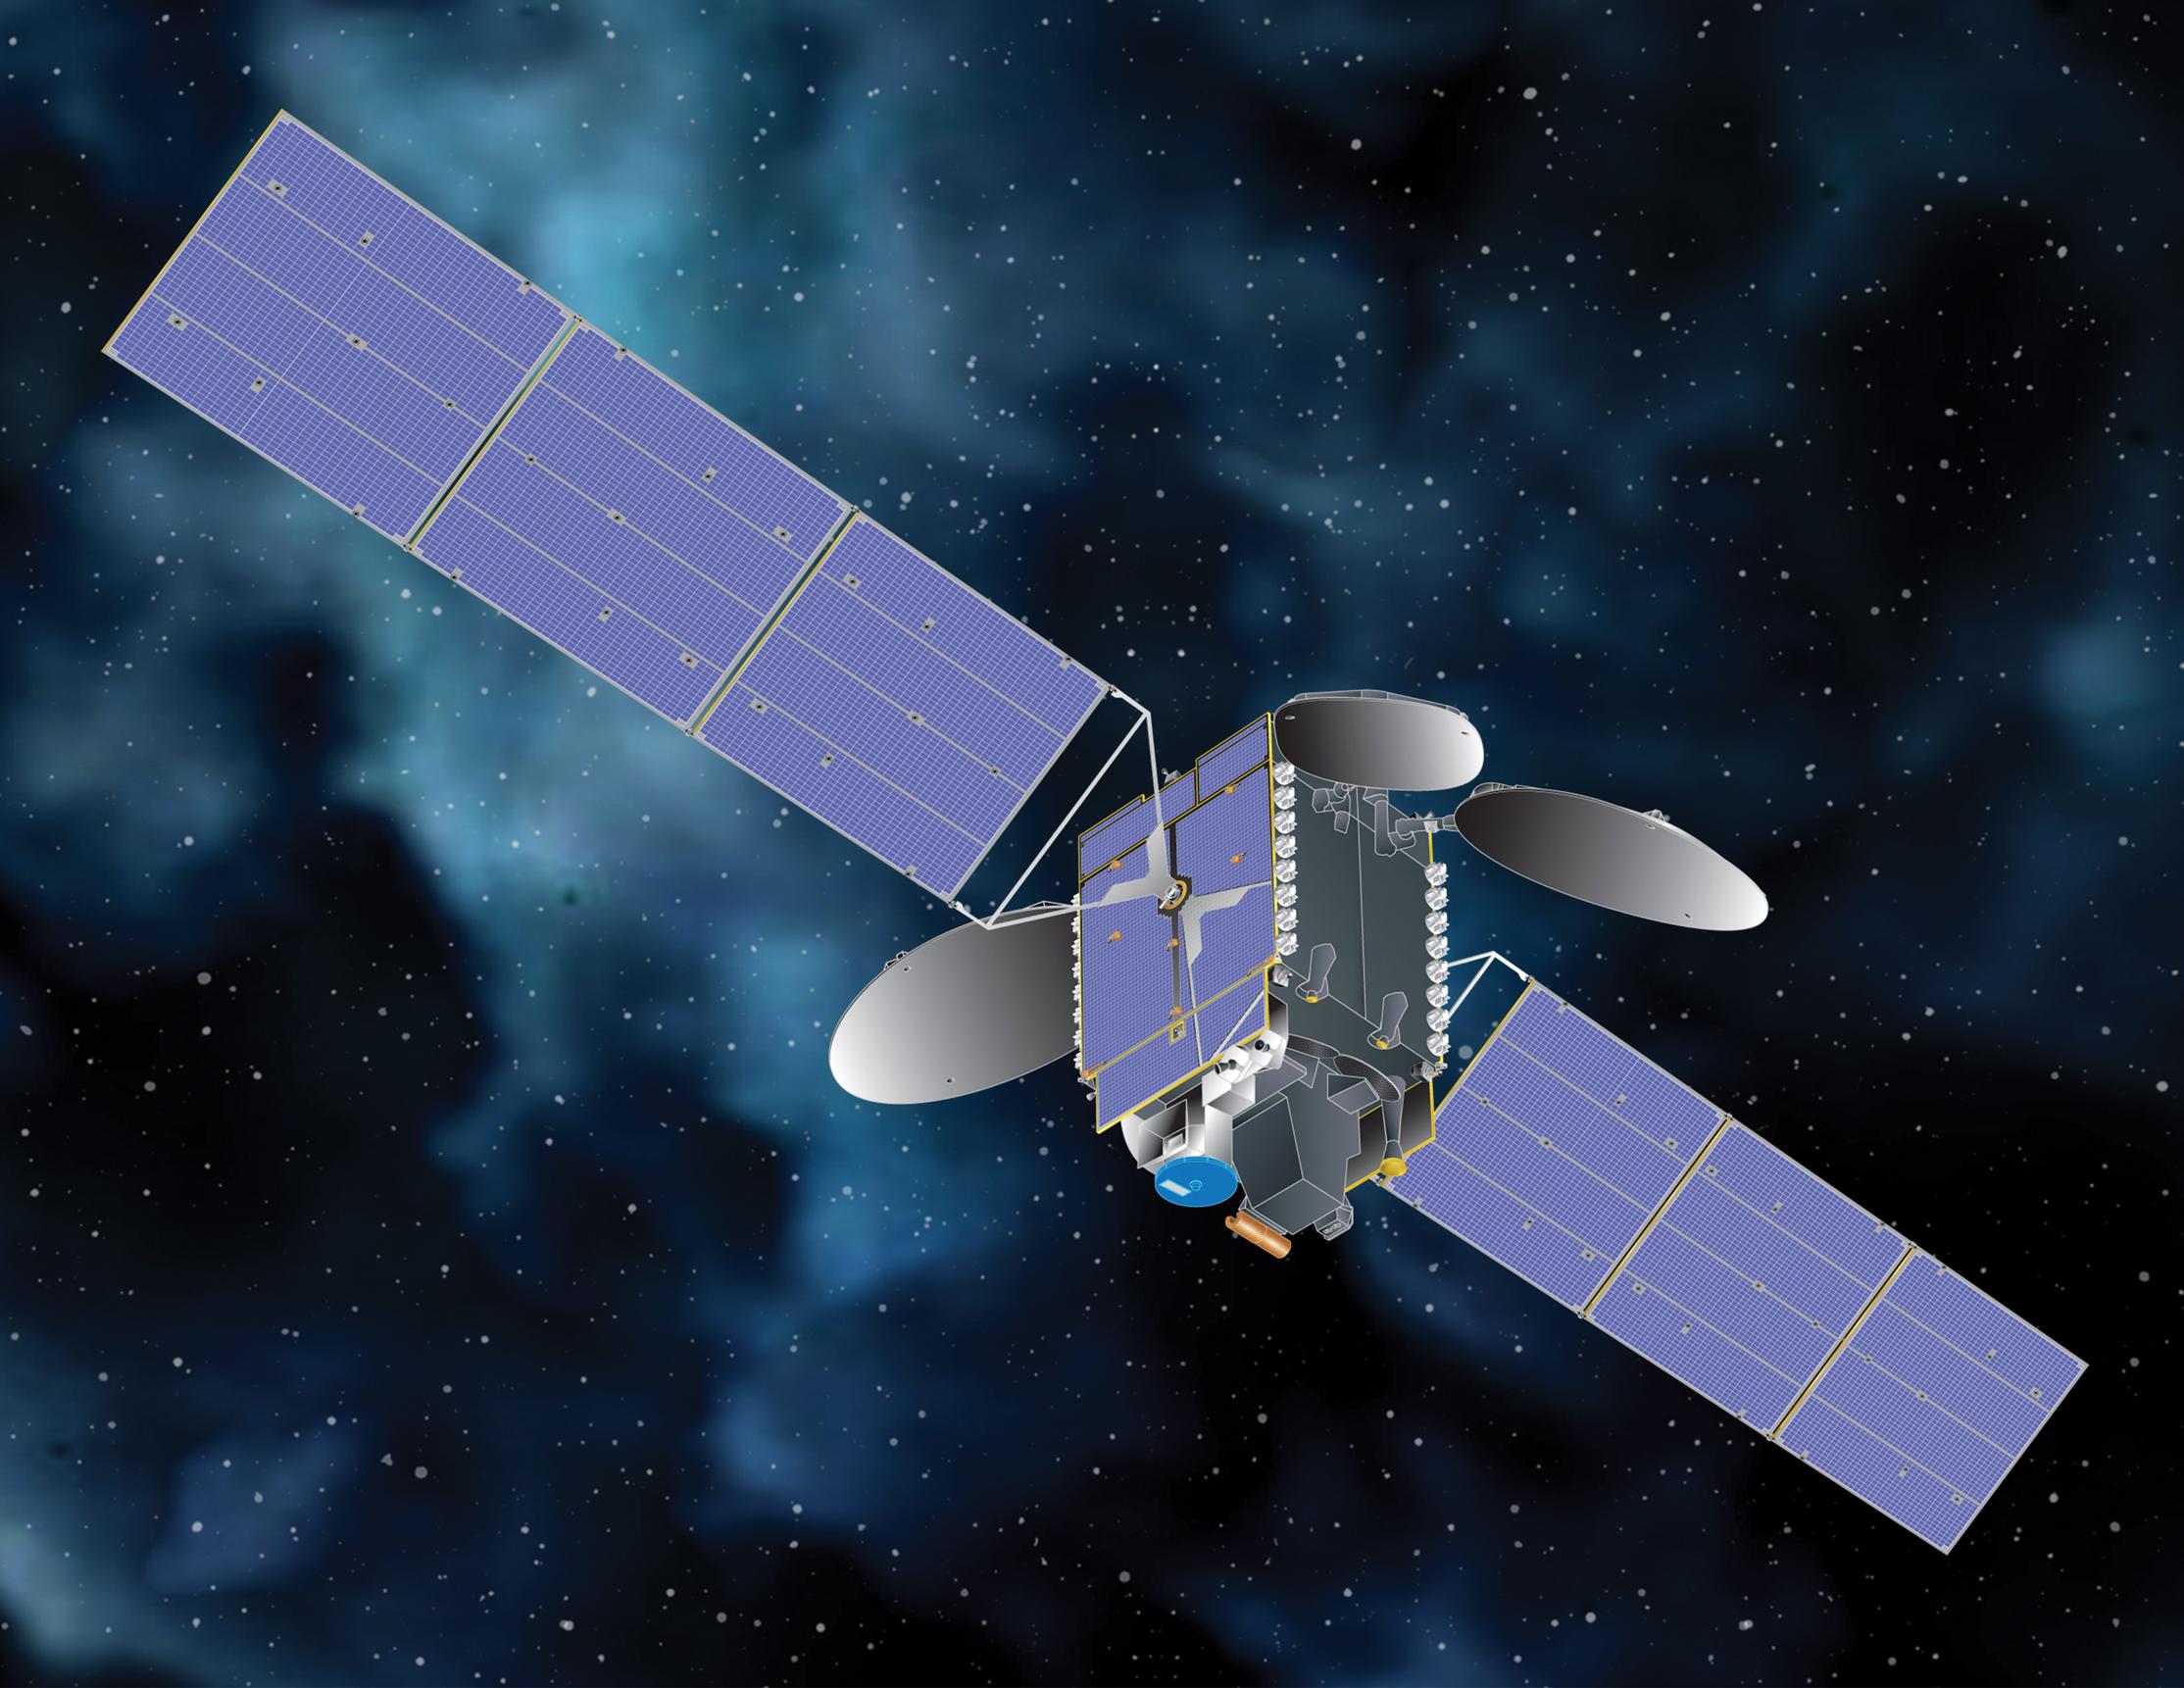 nasa satellite tracker - HD2228×1722